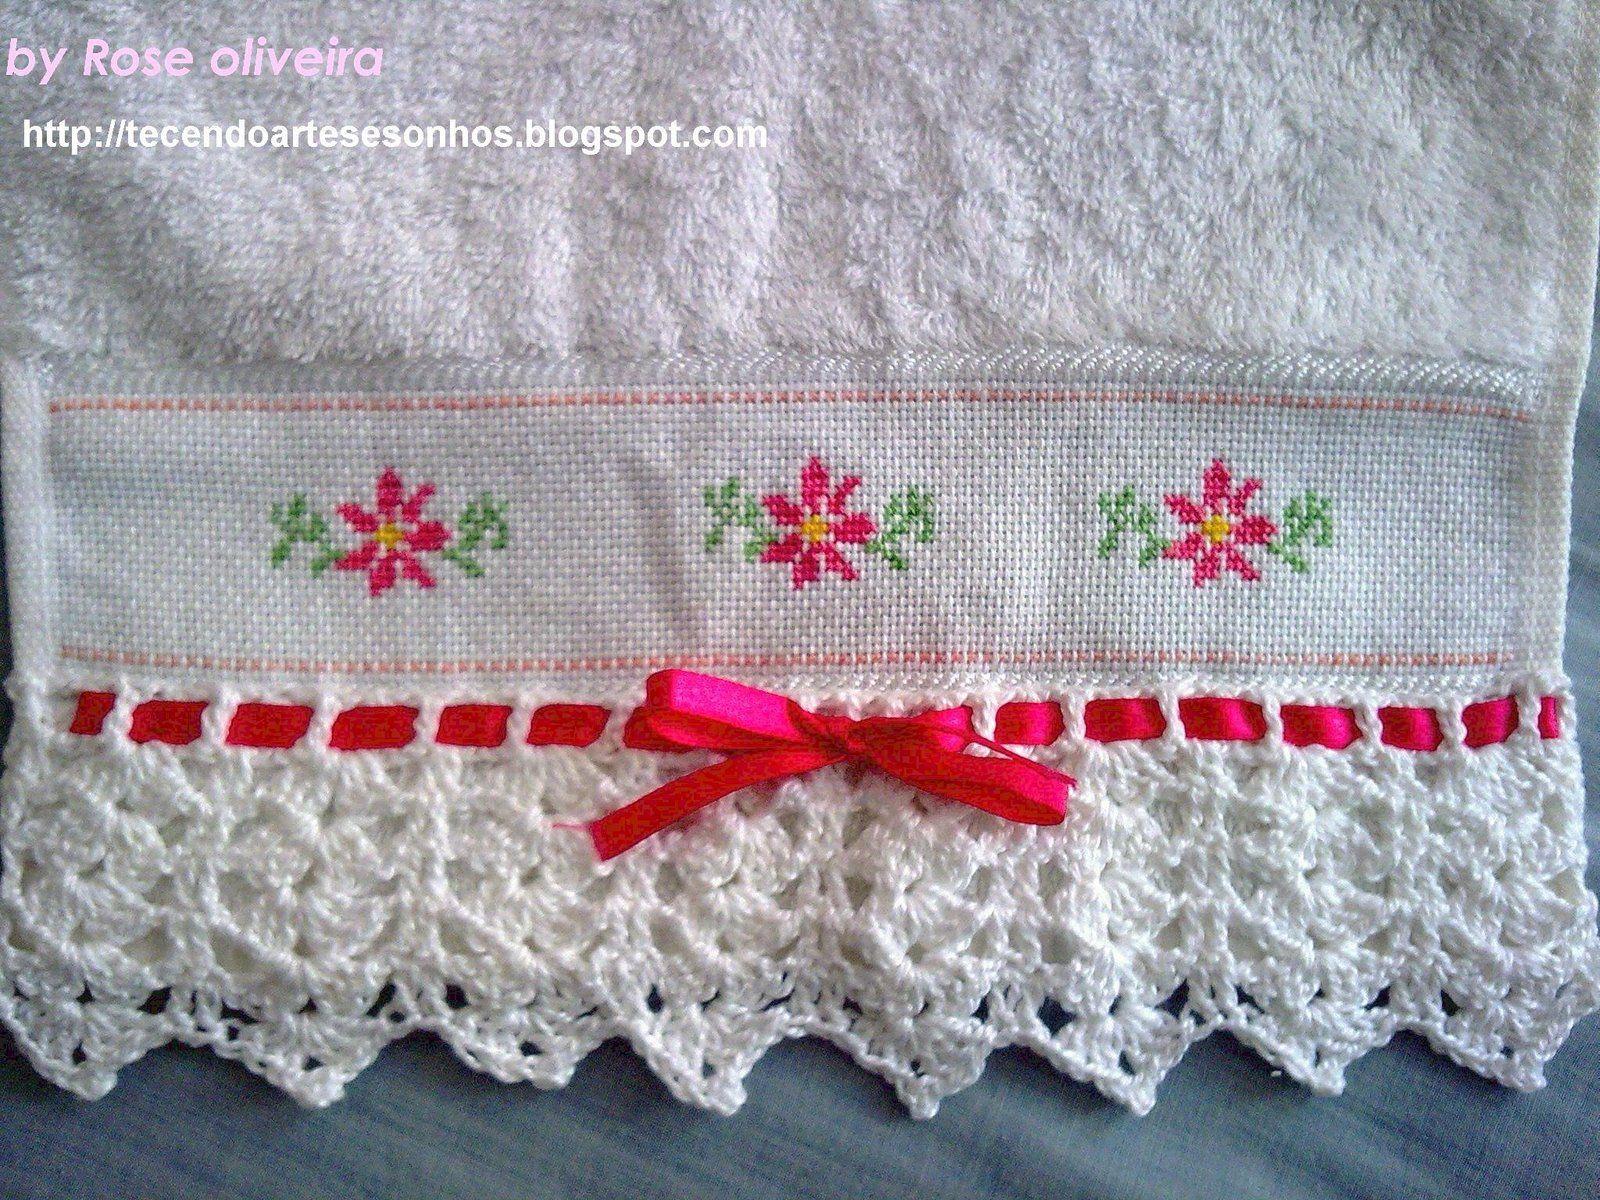 Atractivo Patrón De Crochet Toallita Bandera - Manta de Tejer Patrón ...